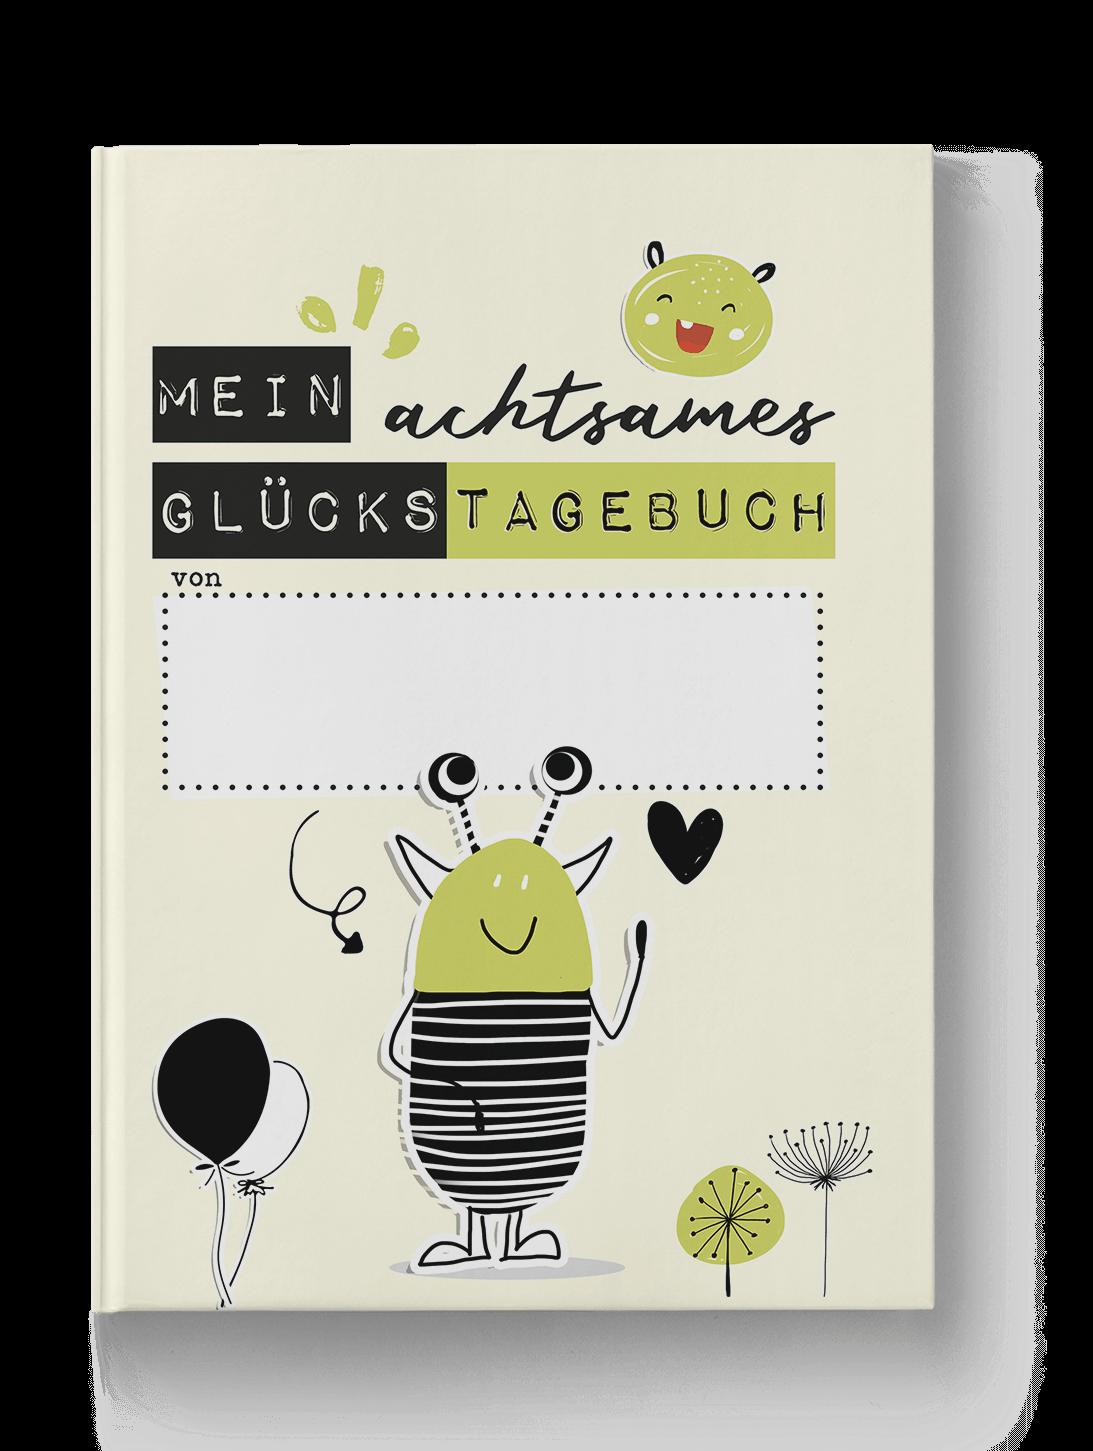 Ein Kleines Glucksbuch Diy Mit Kleiner Vorlage 8